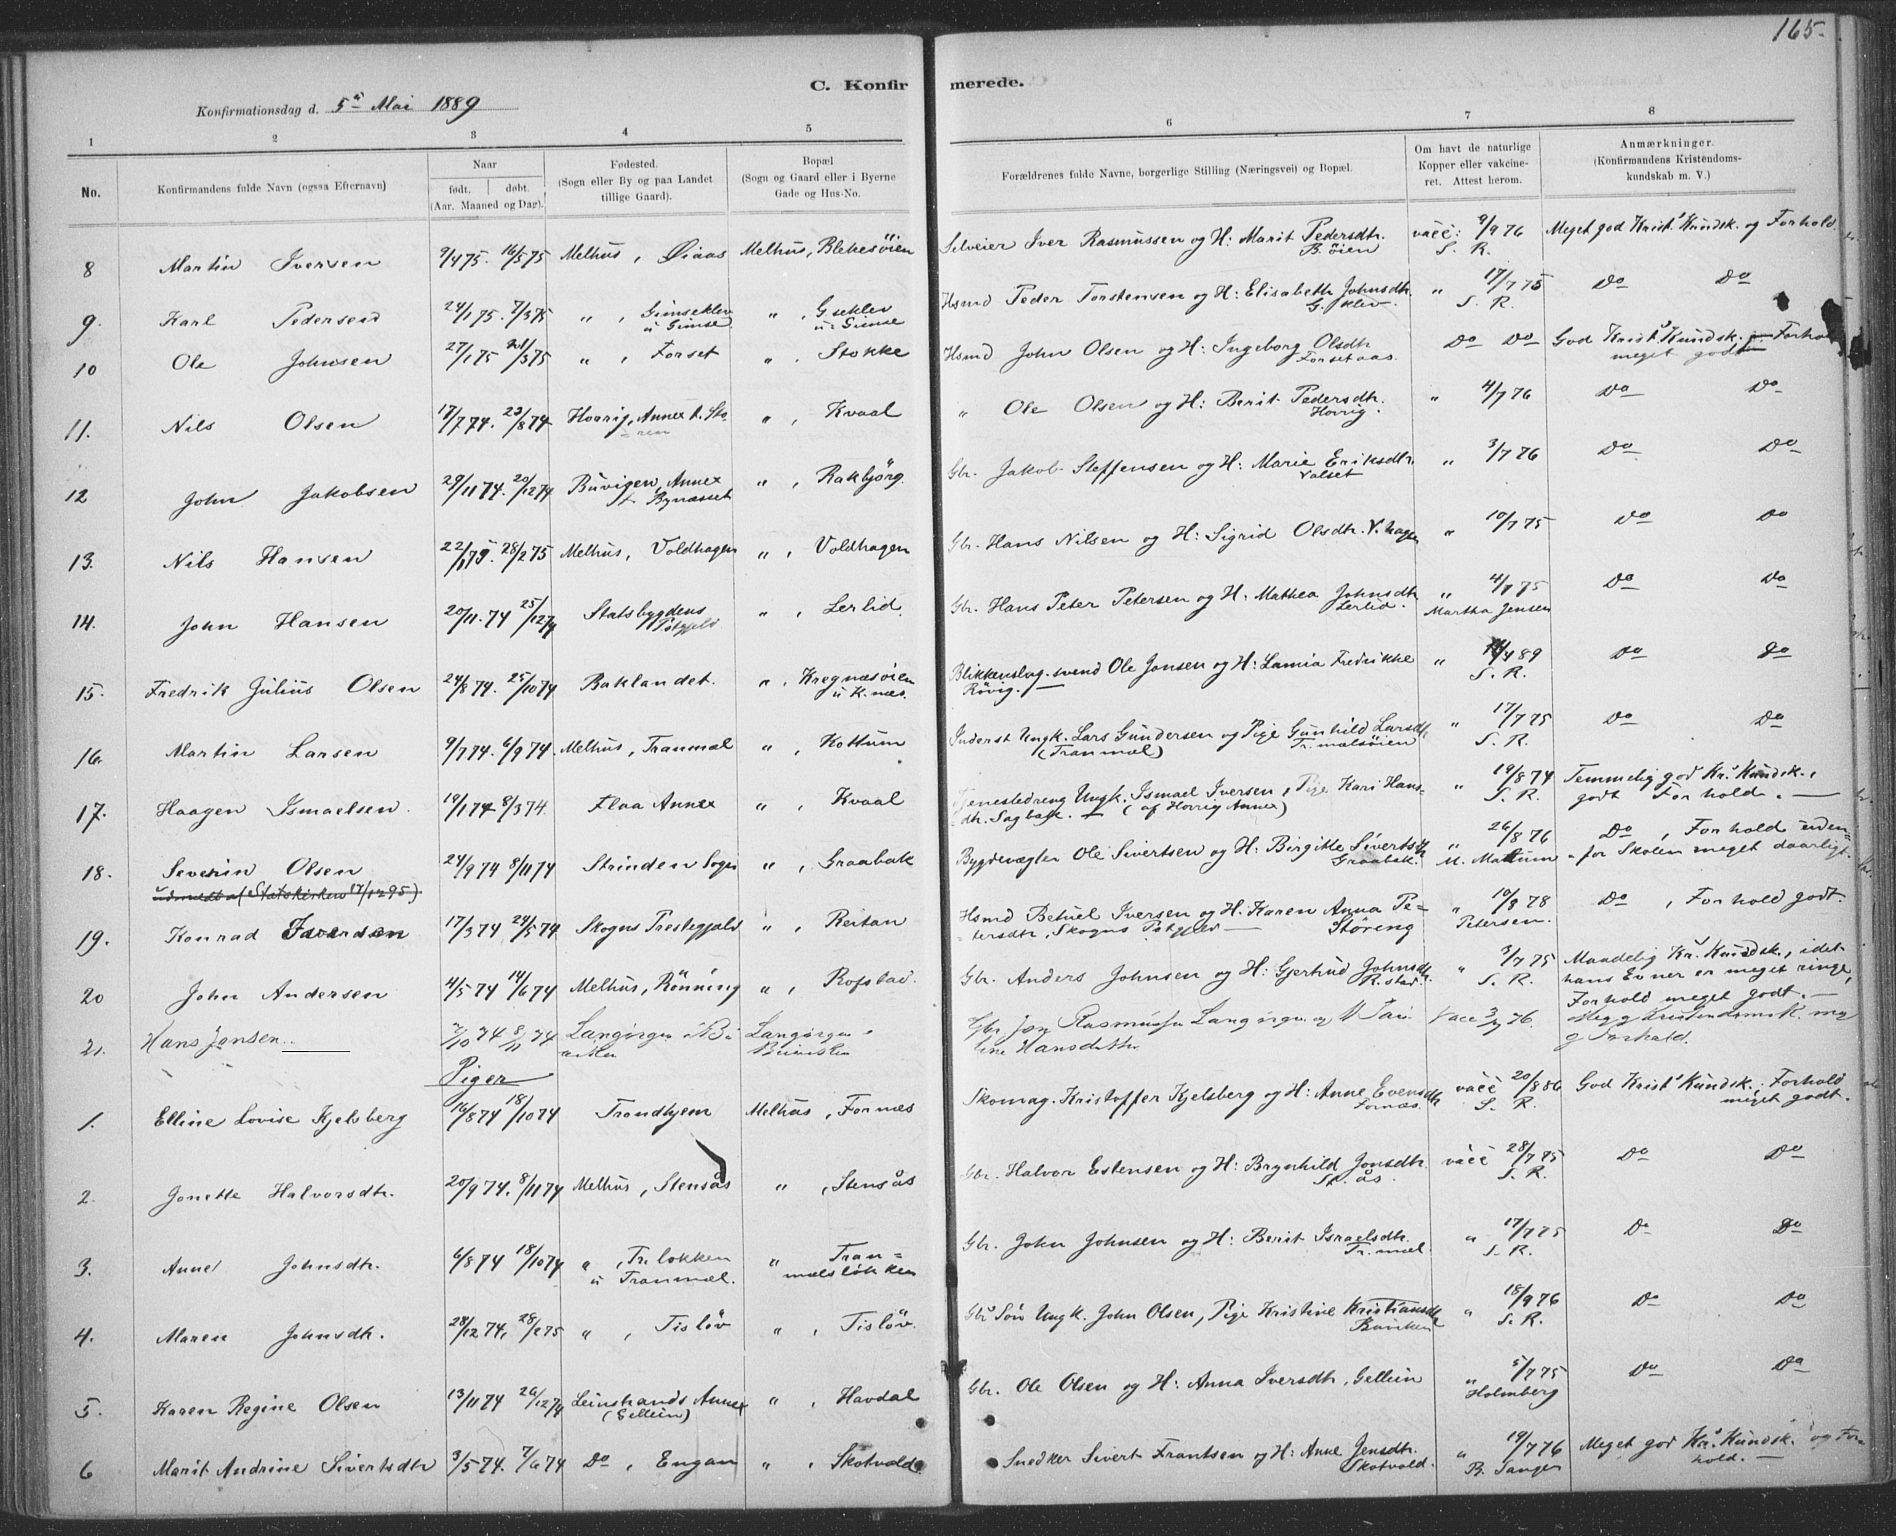 SAT, Ministerialprotokoller, klokkerbøker og fødselsregistre - Sør-Trøndelag, 691/L1085: Ministerialbok nr. 691A17, 1887-1908, s. 165